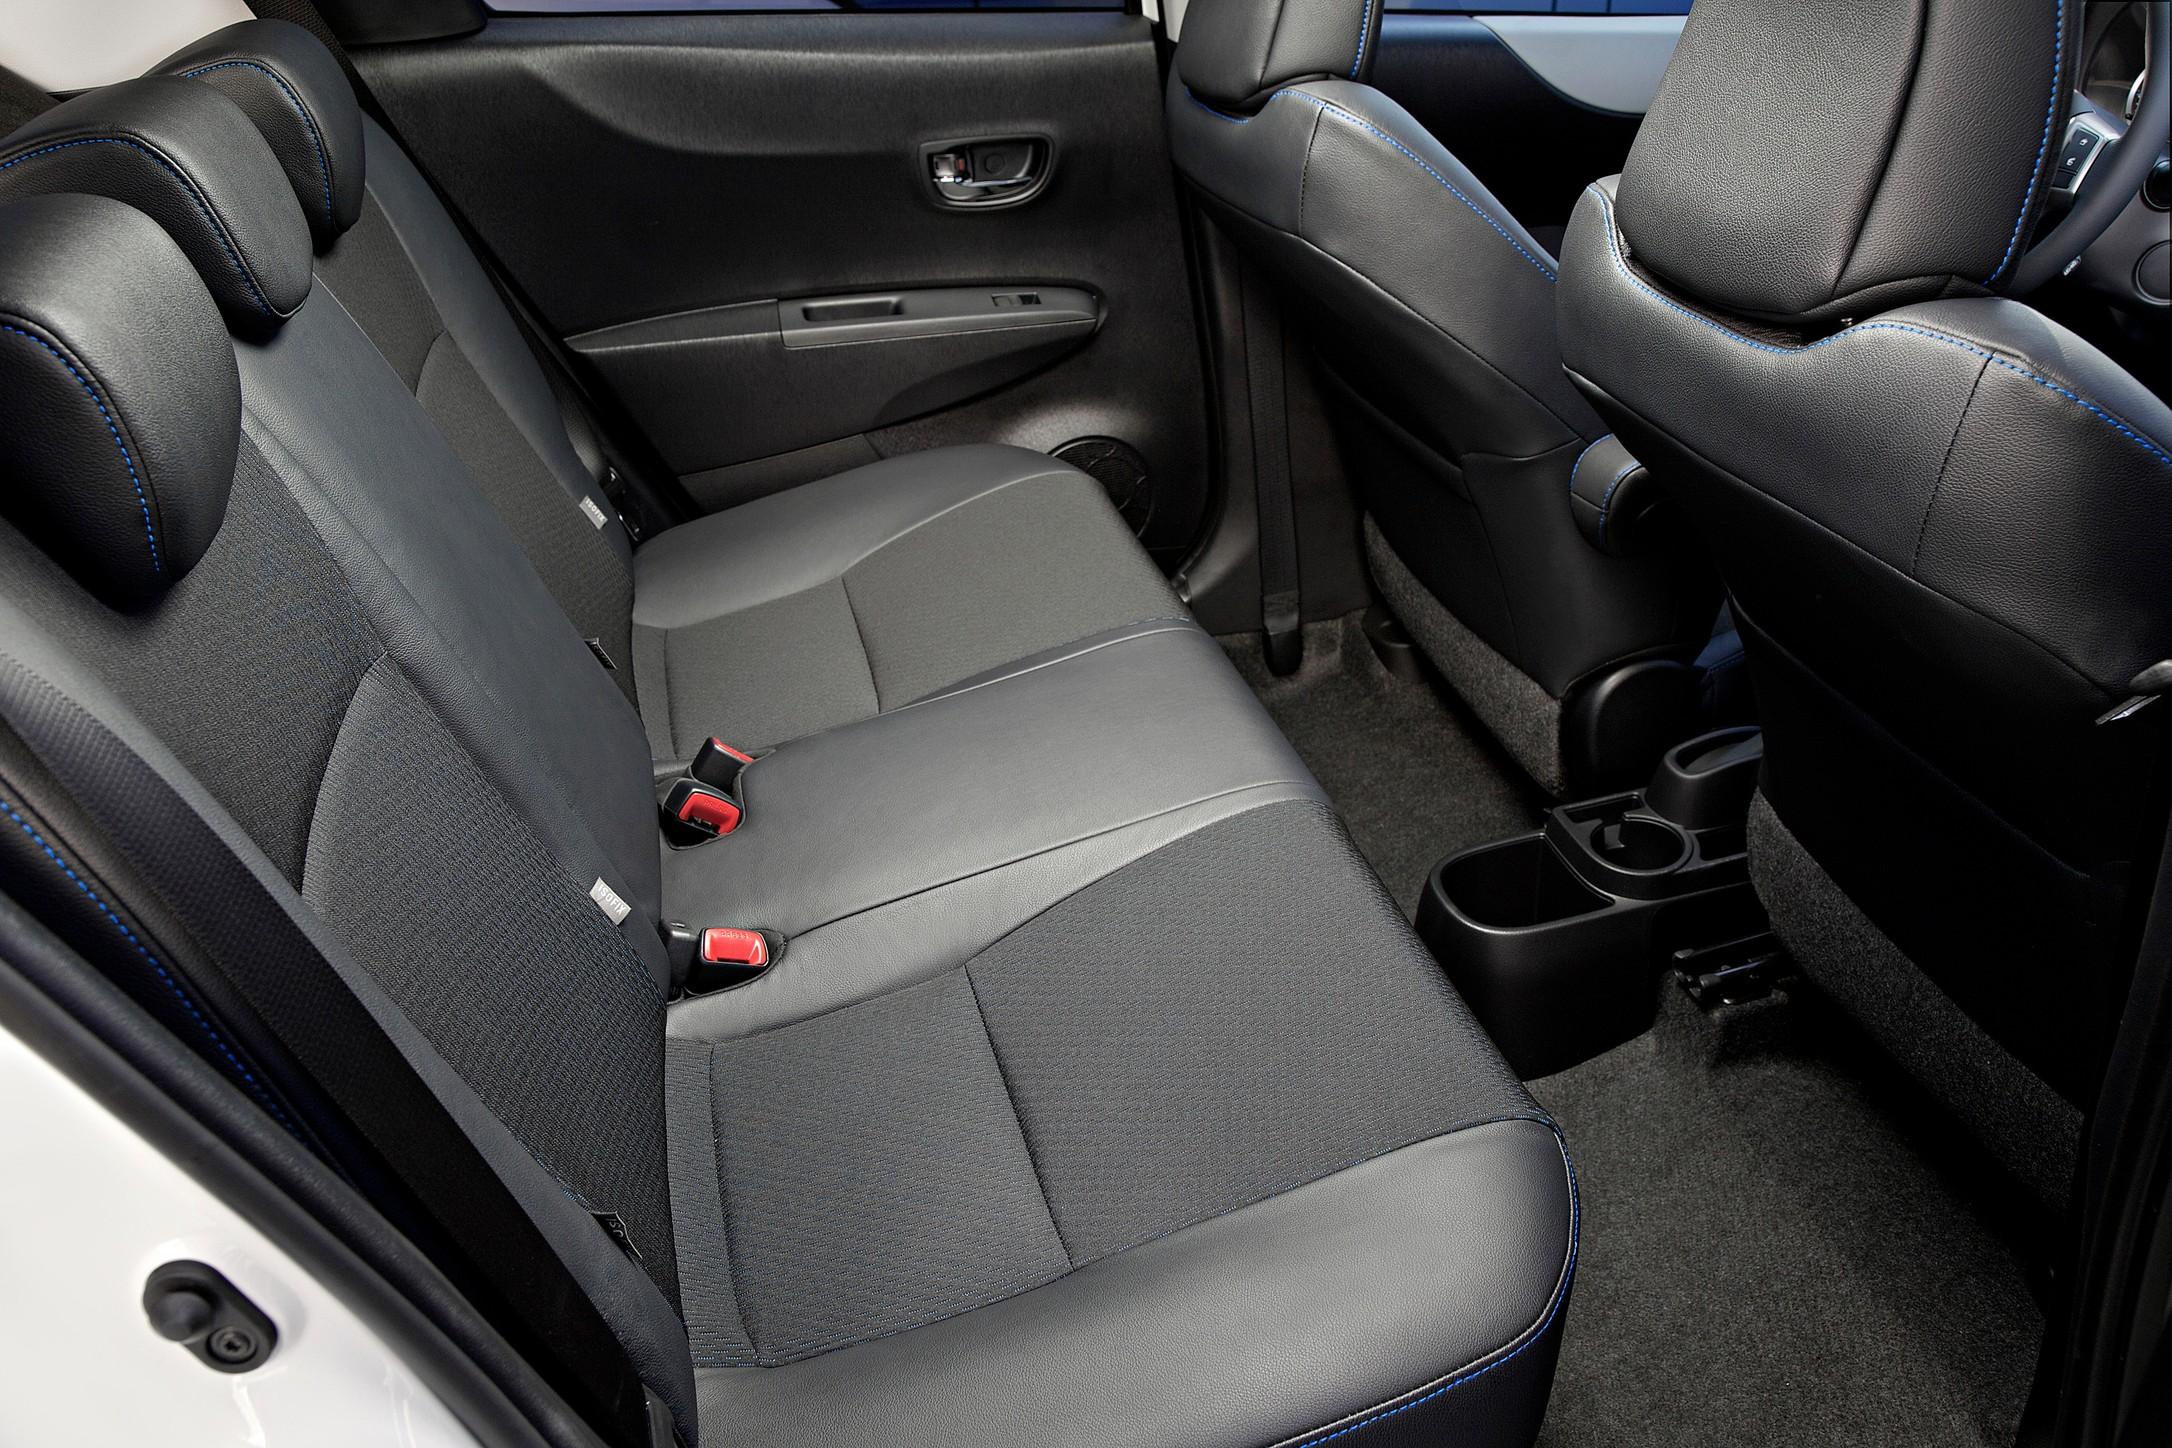 fiche technique toyota yaris 2008 mouvement uniforme de la voiture. Black Bedroom Furniture Sets. Home Design Ideas